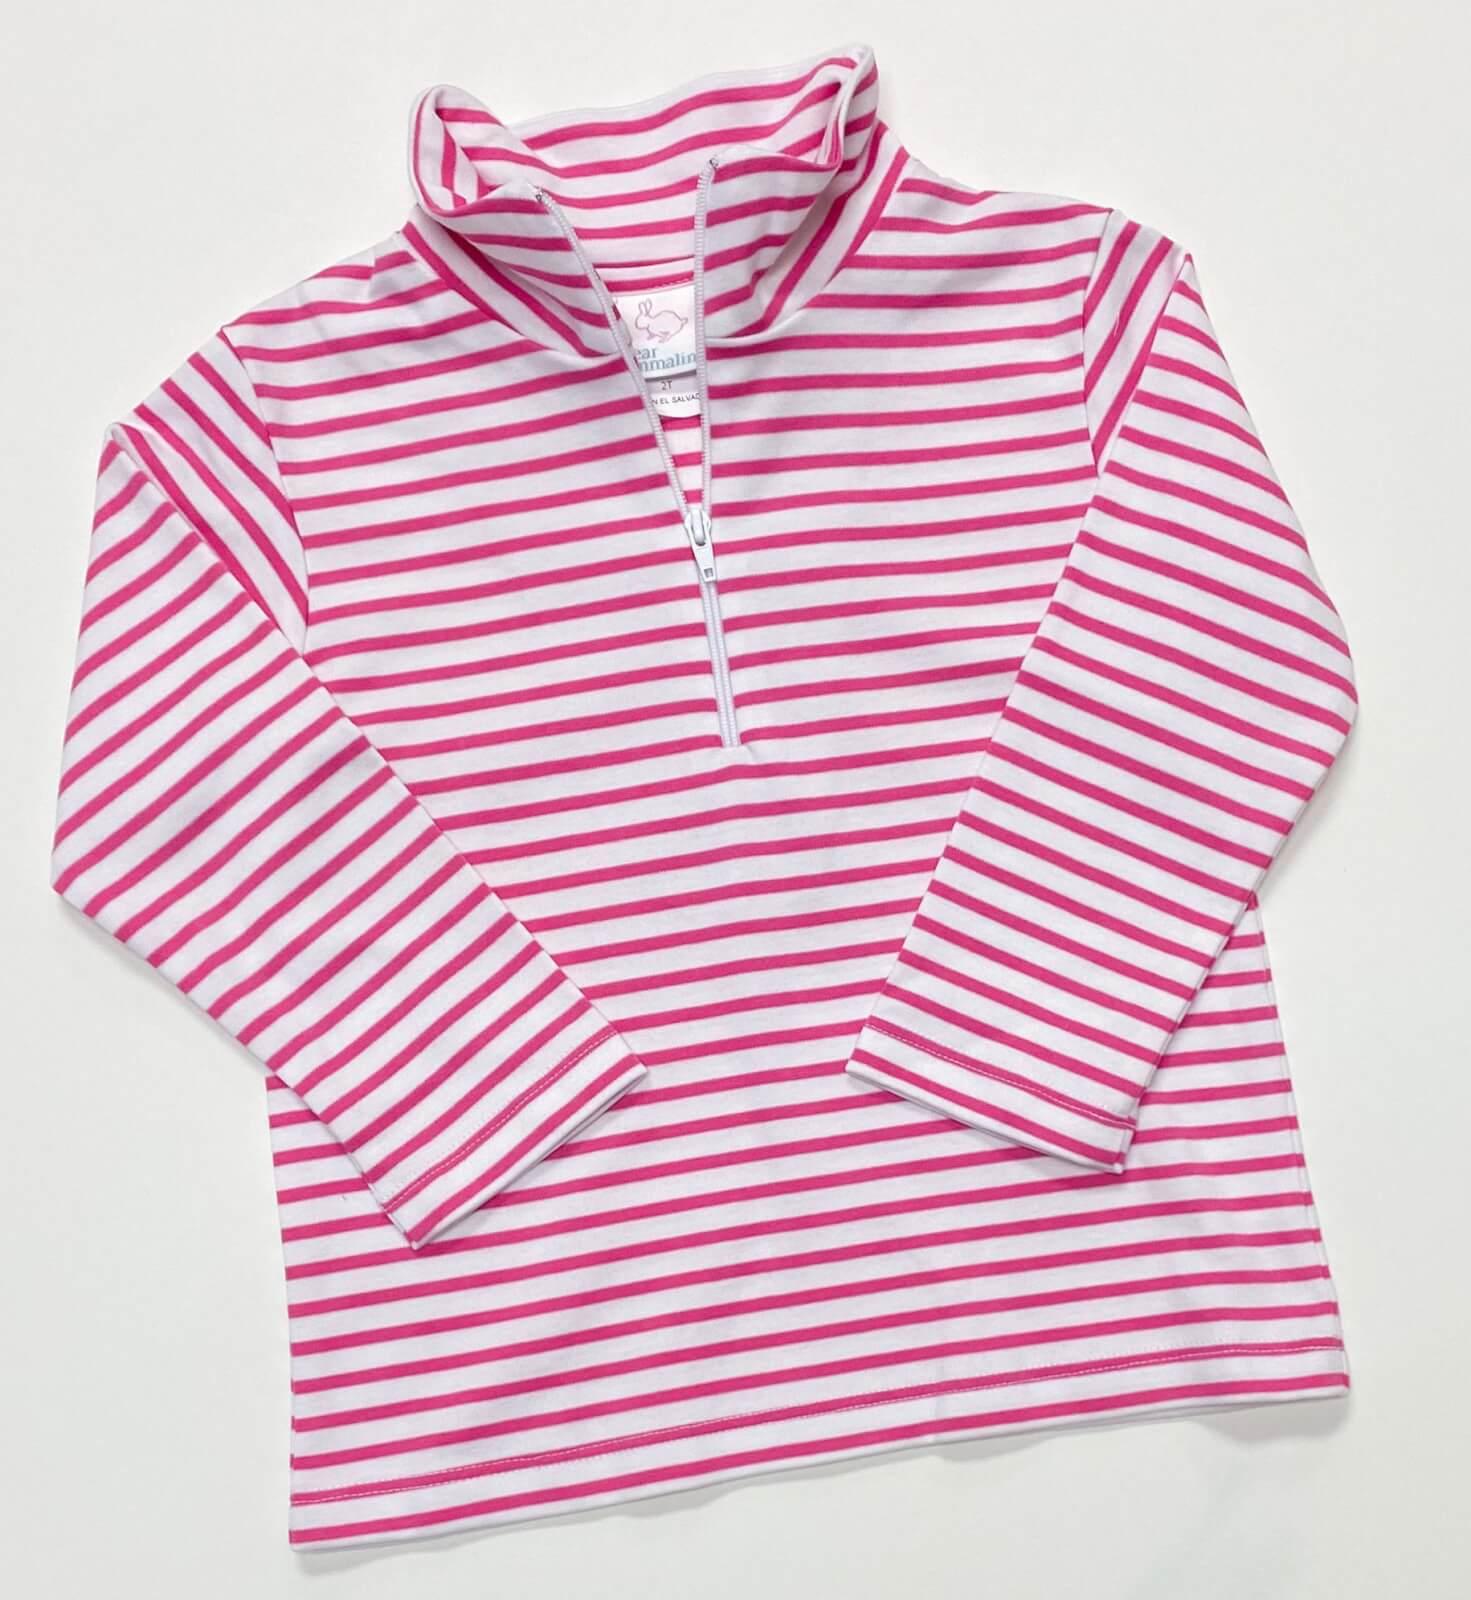 Zuccini striped pullover from Dear Emmaline